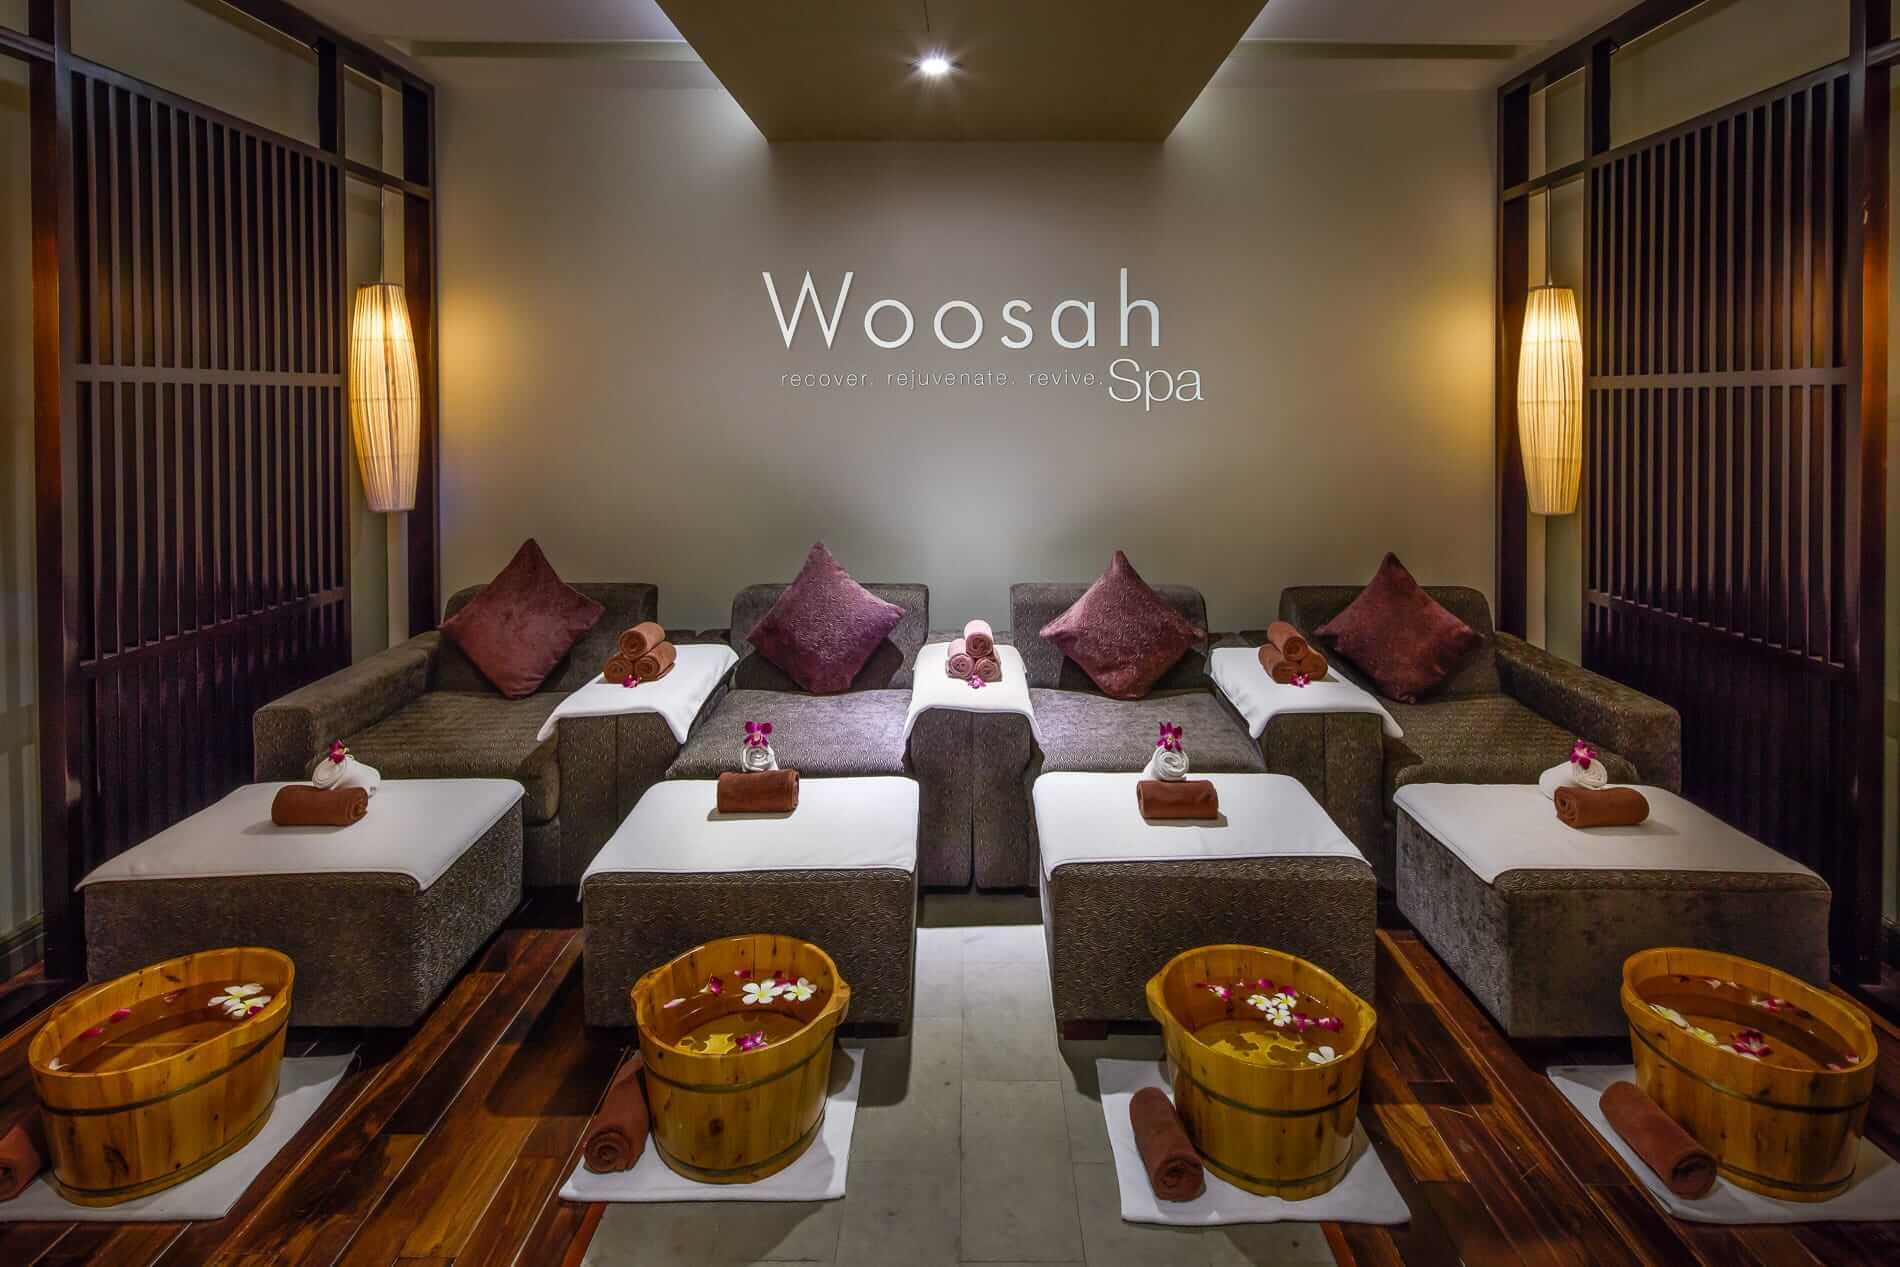 A treatment room at Woosah Spa